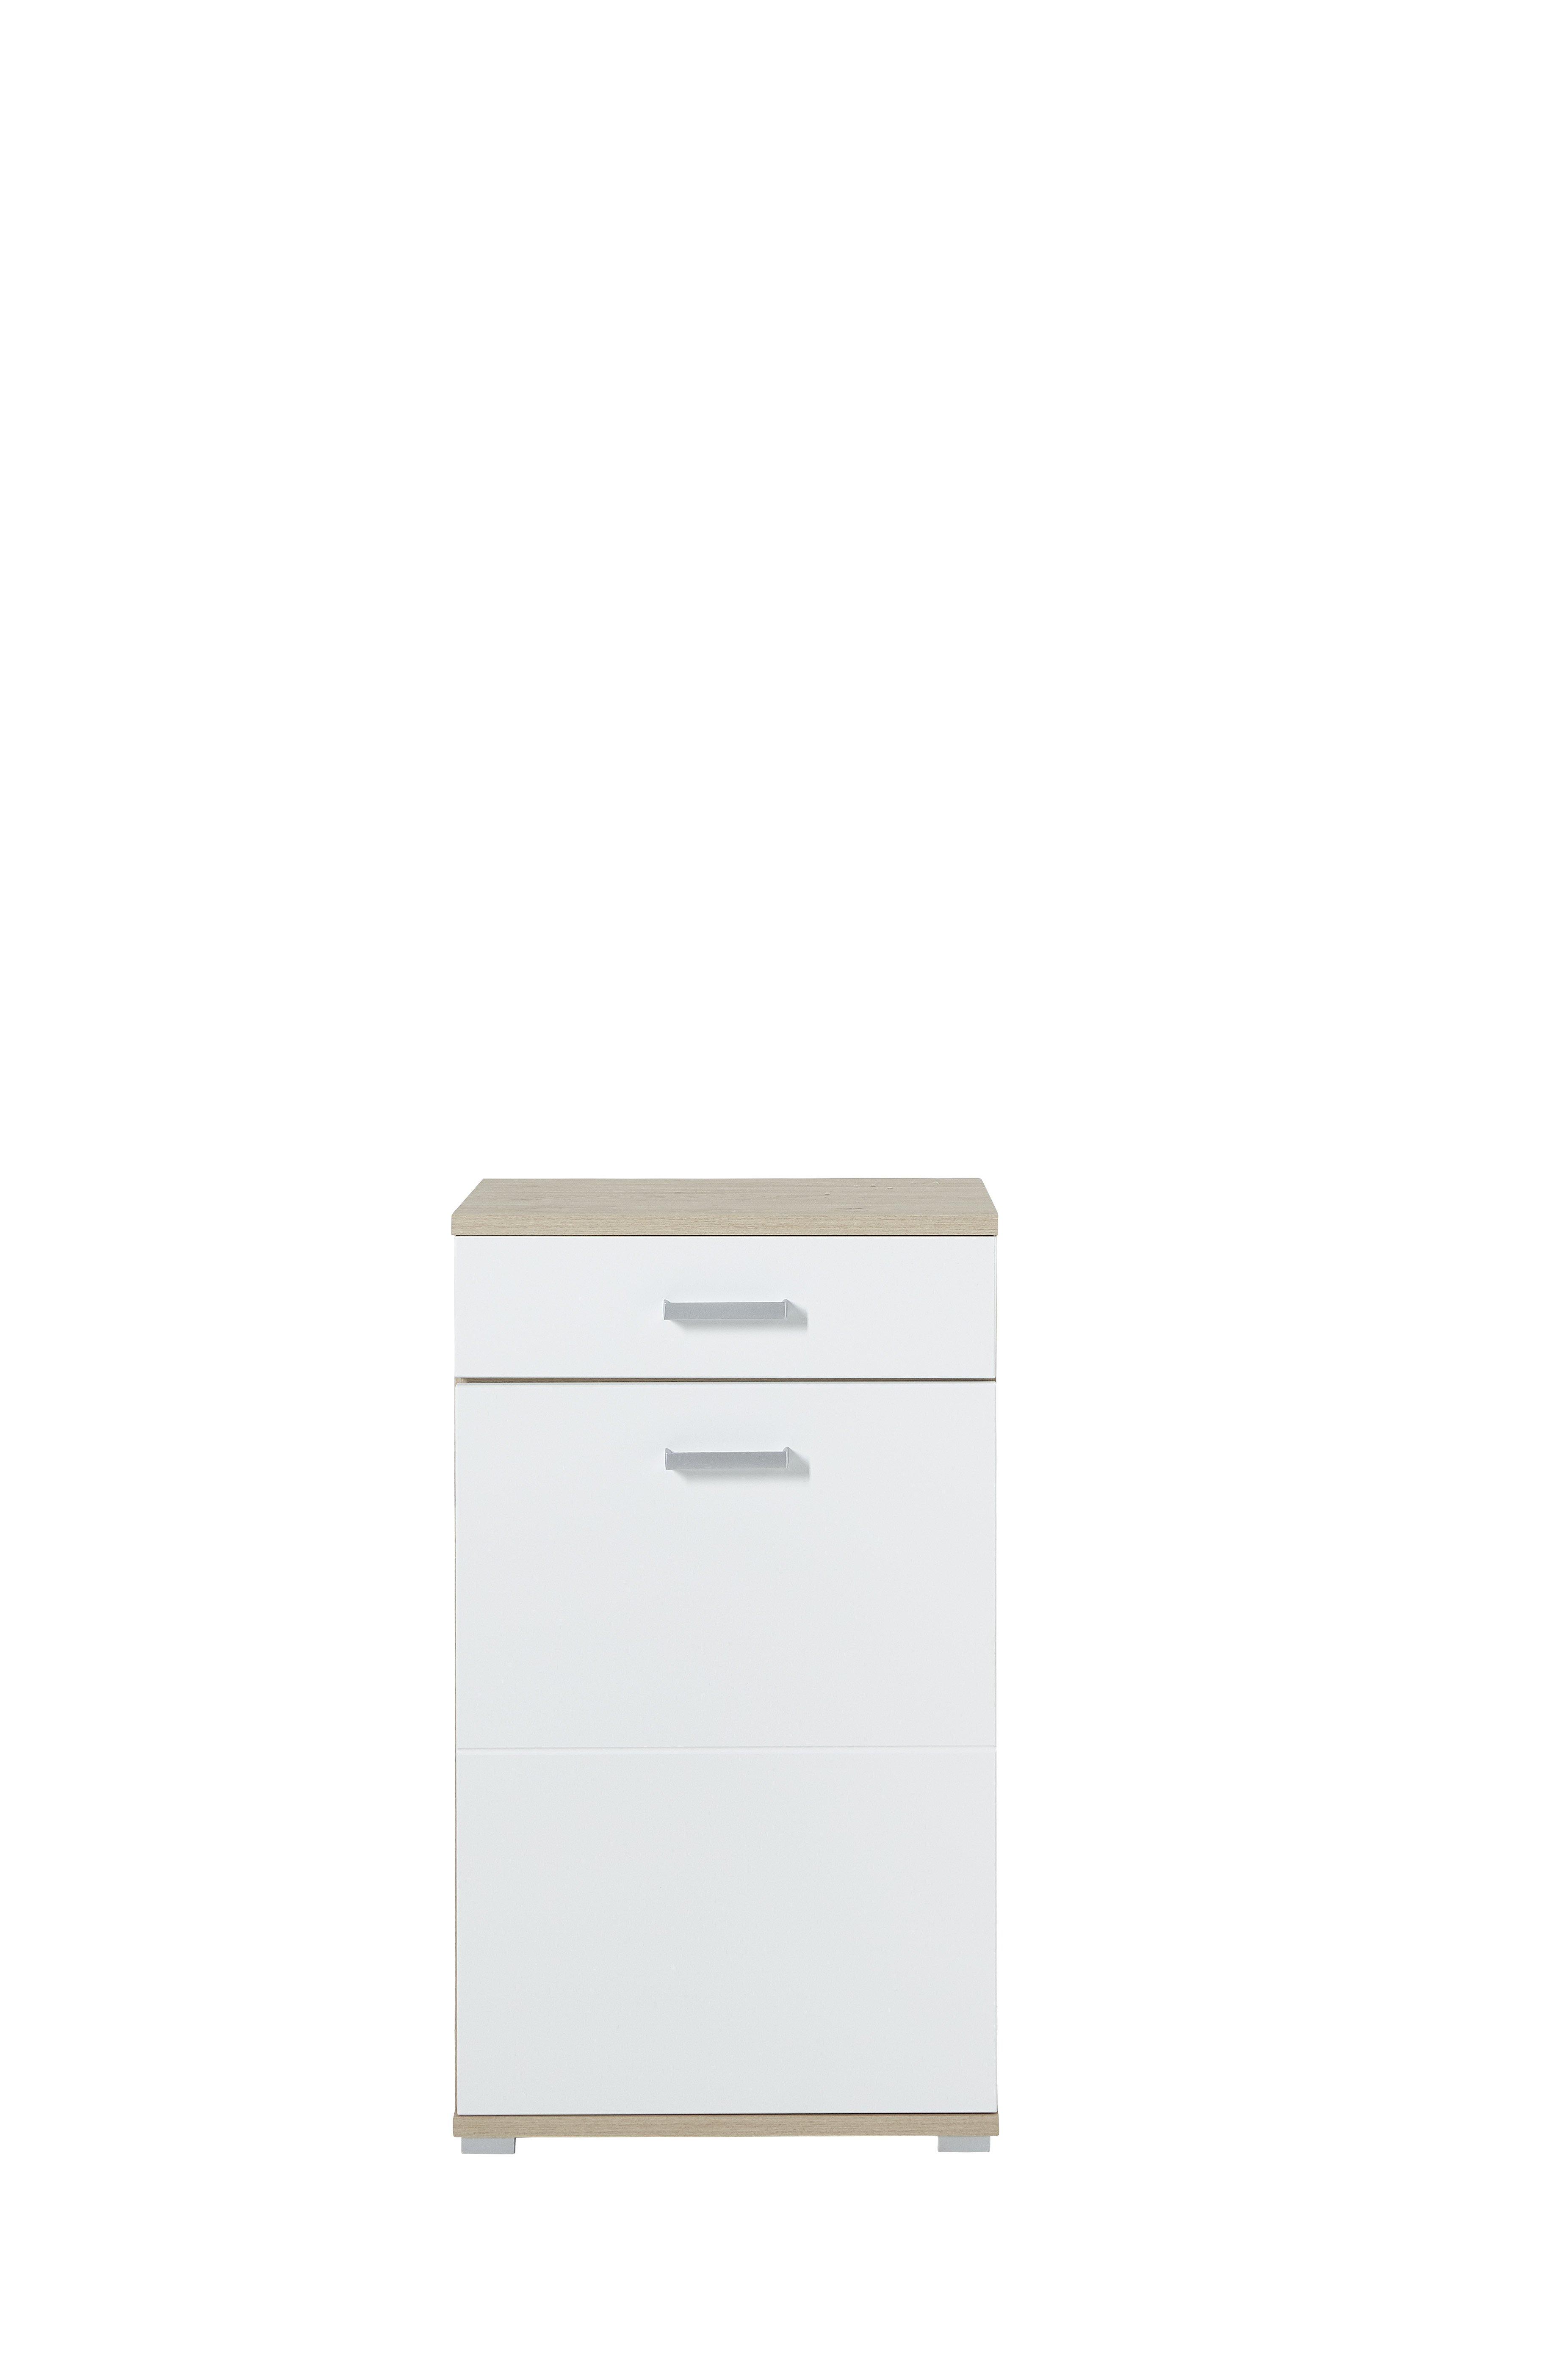 Schuhschrank Arkona, weiß, braun, Eiche, Holz, Beschichtete Spanplatte